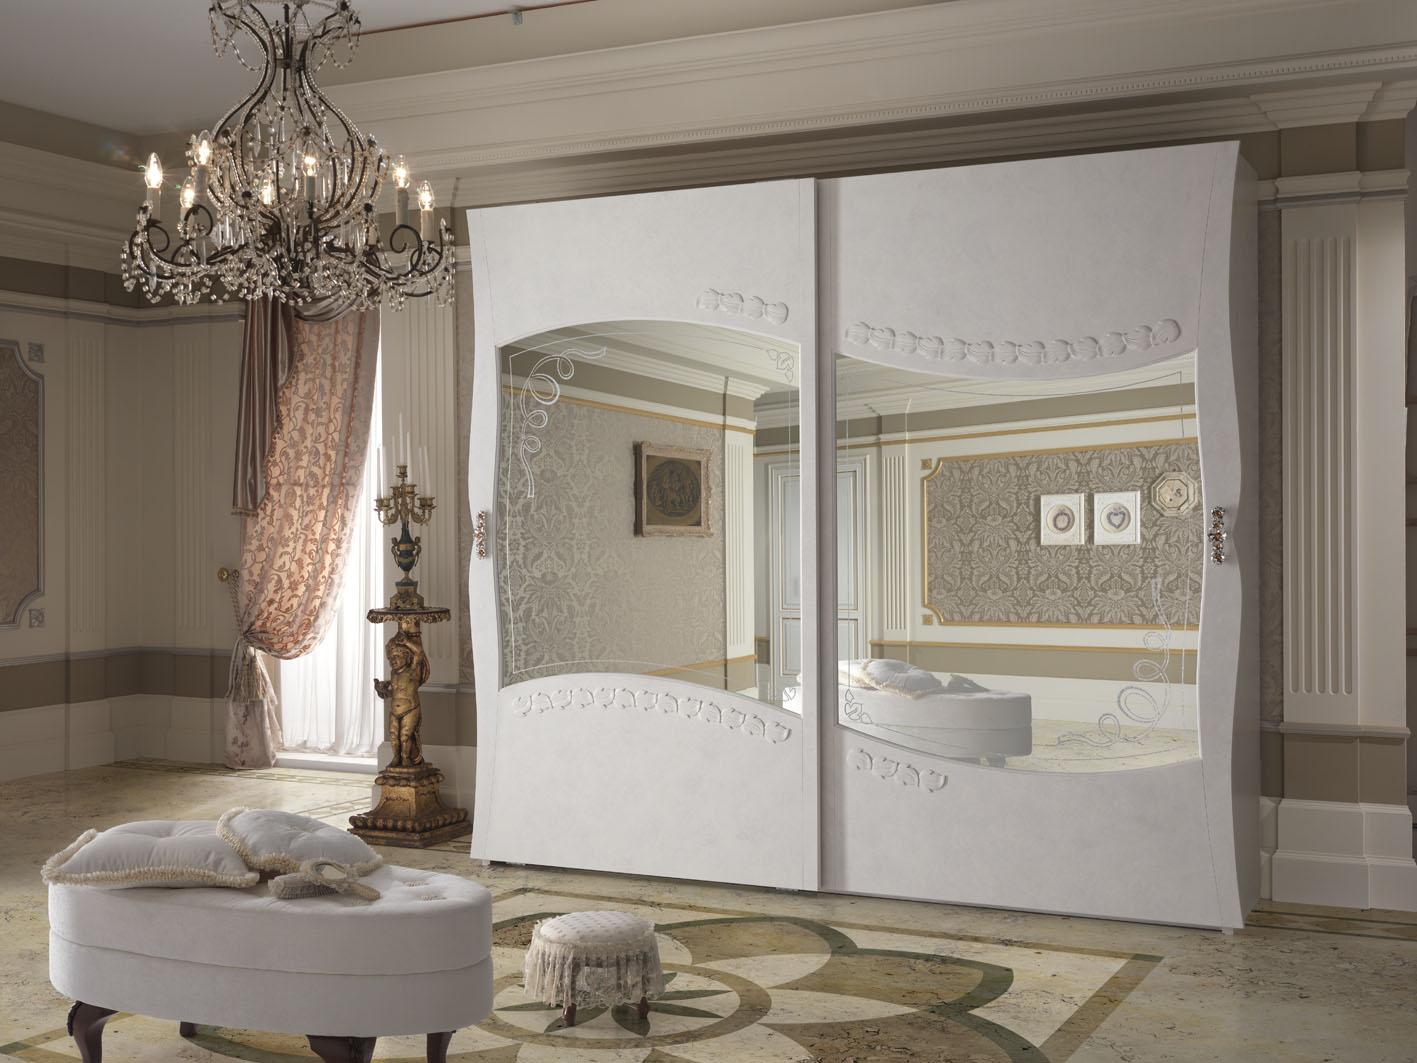 camere-classiche-stilema-armadio - Rosy Mobili - Mobilificio ...